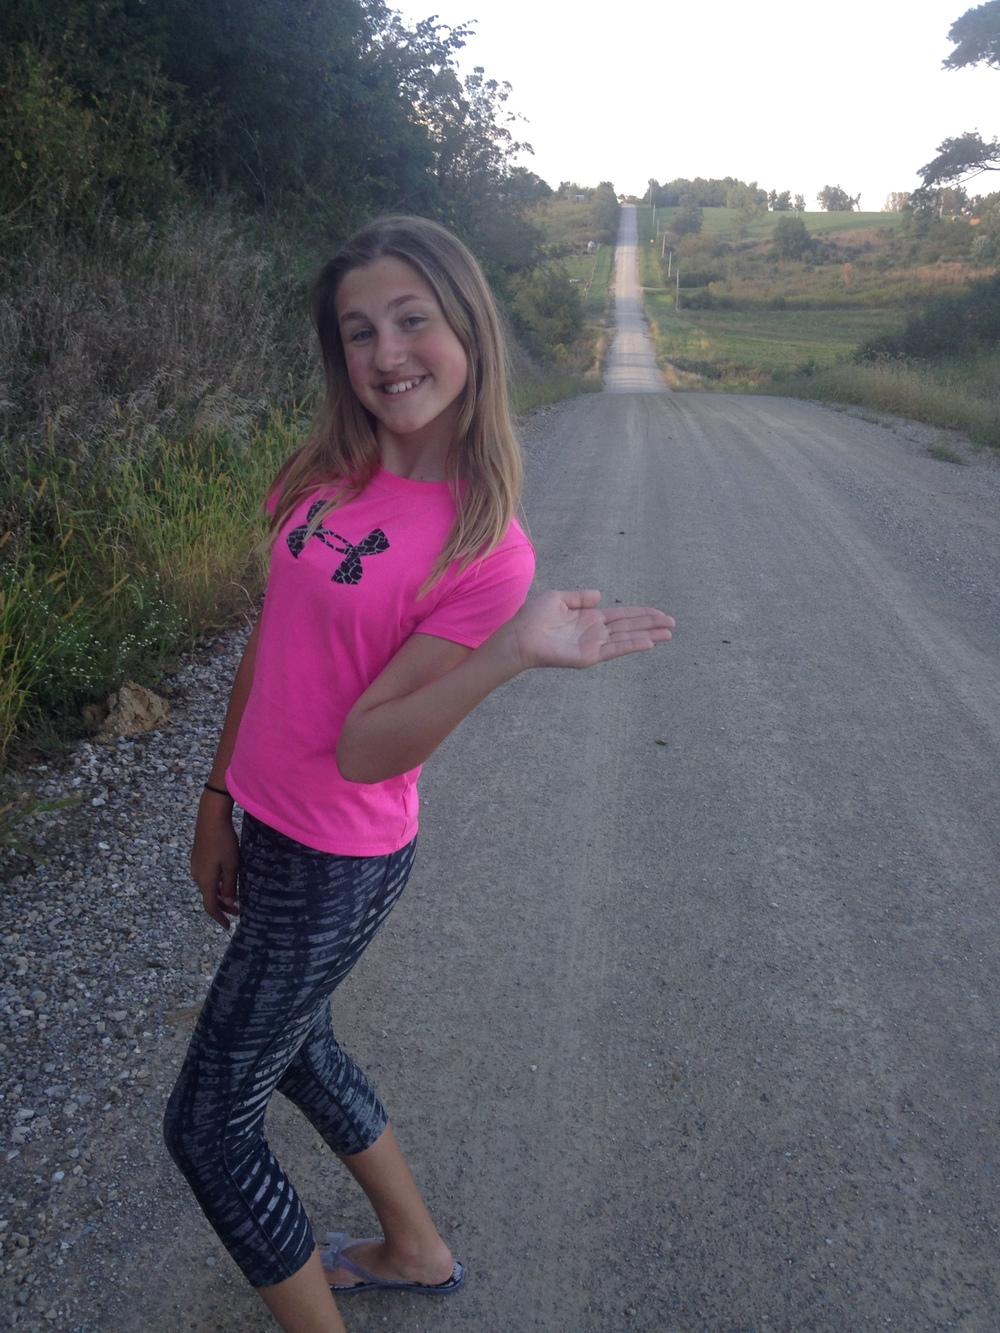 Ashlee-Looking-Back-at-Road.jpg